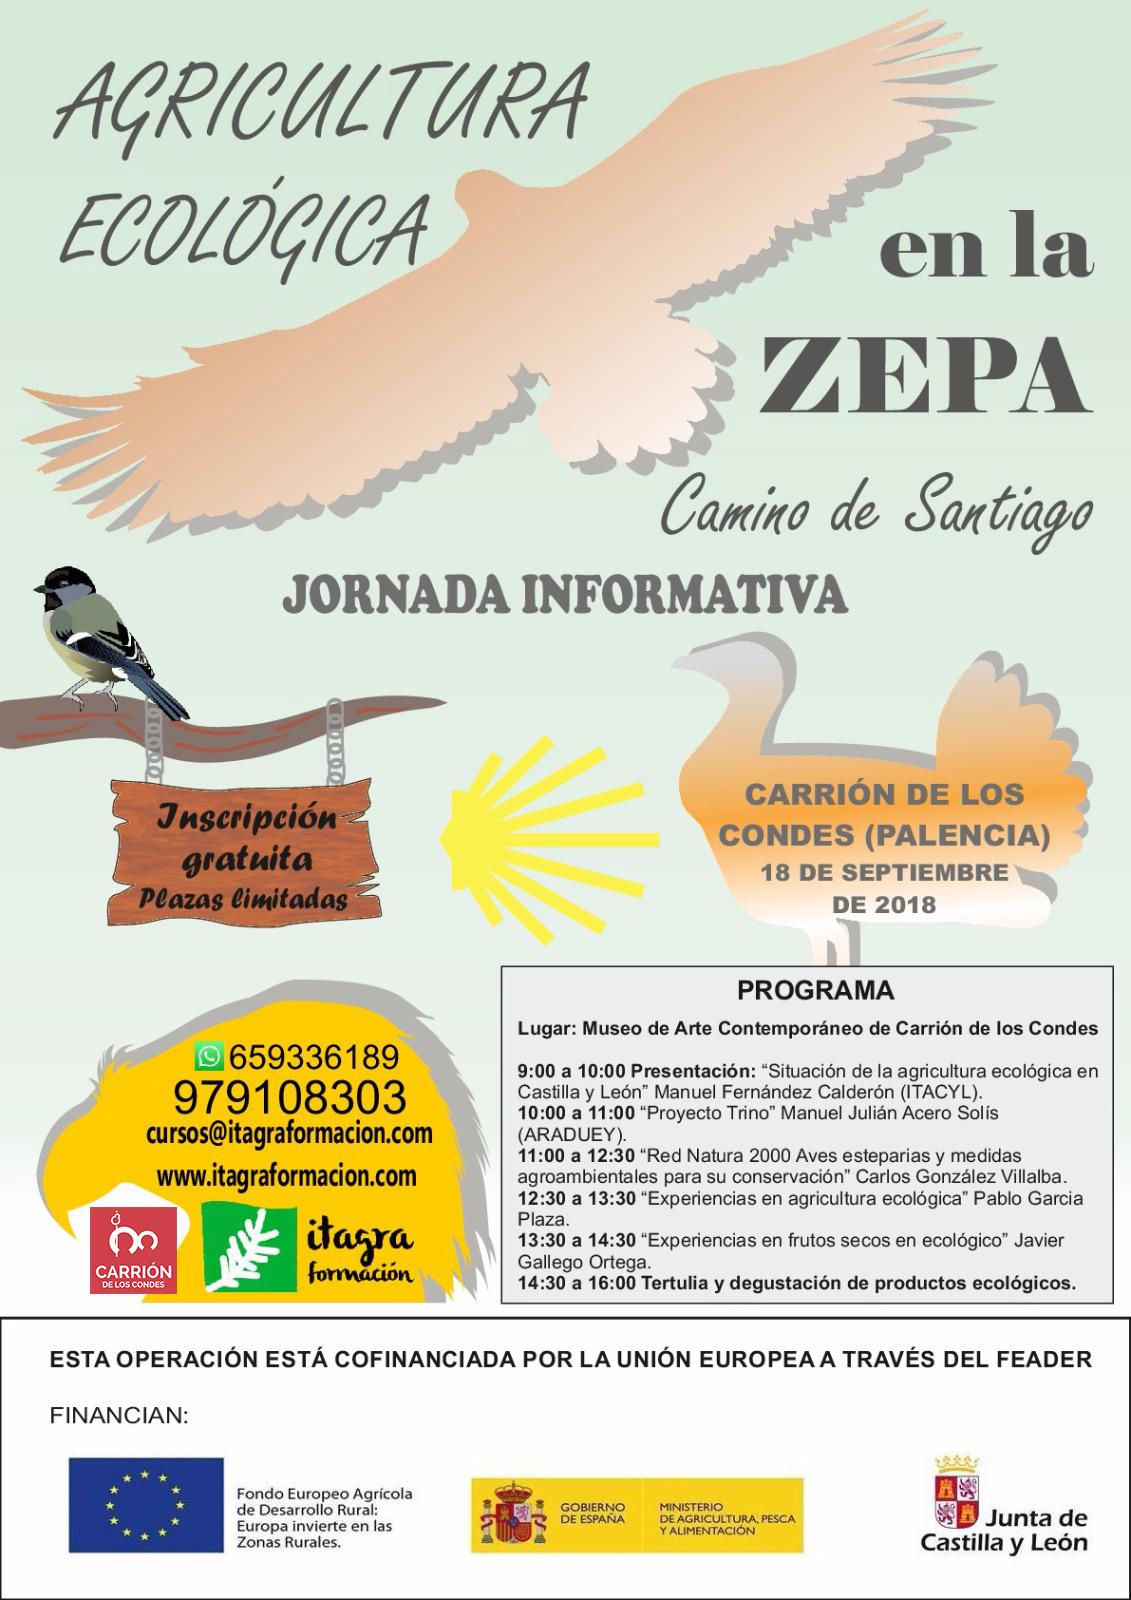 Agricultura Ecológica en la Zepa Camino de Santiago